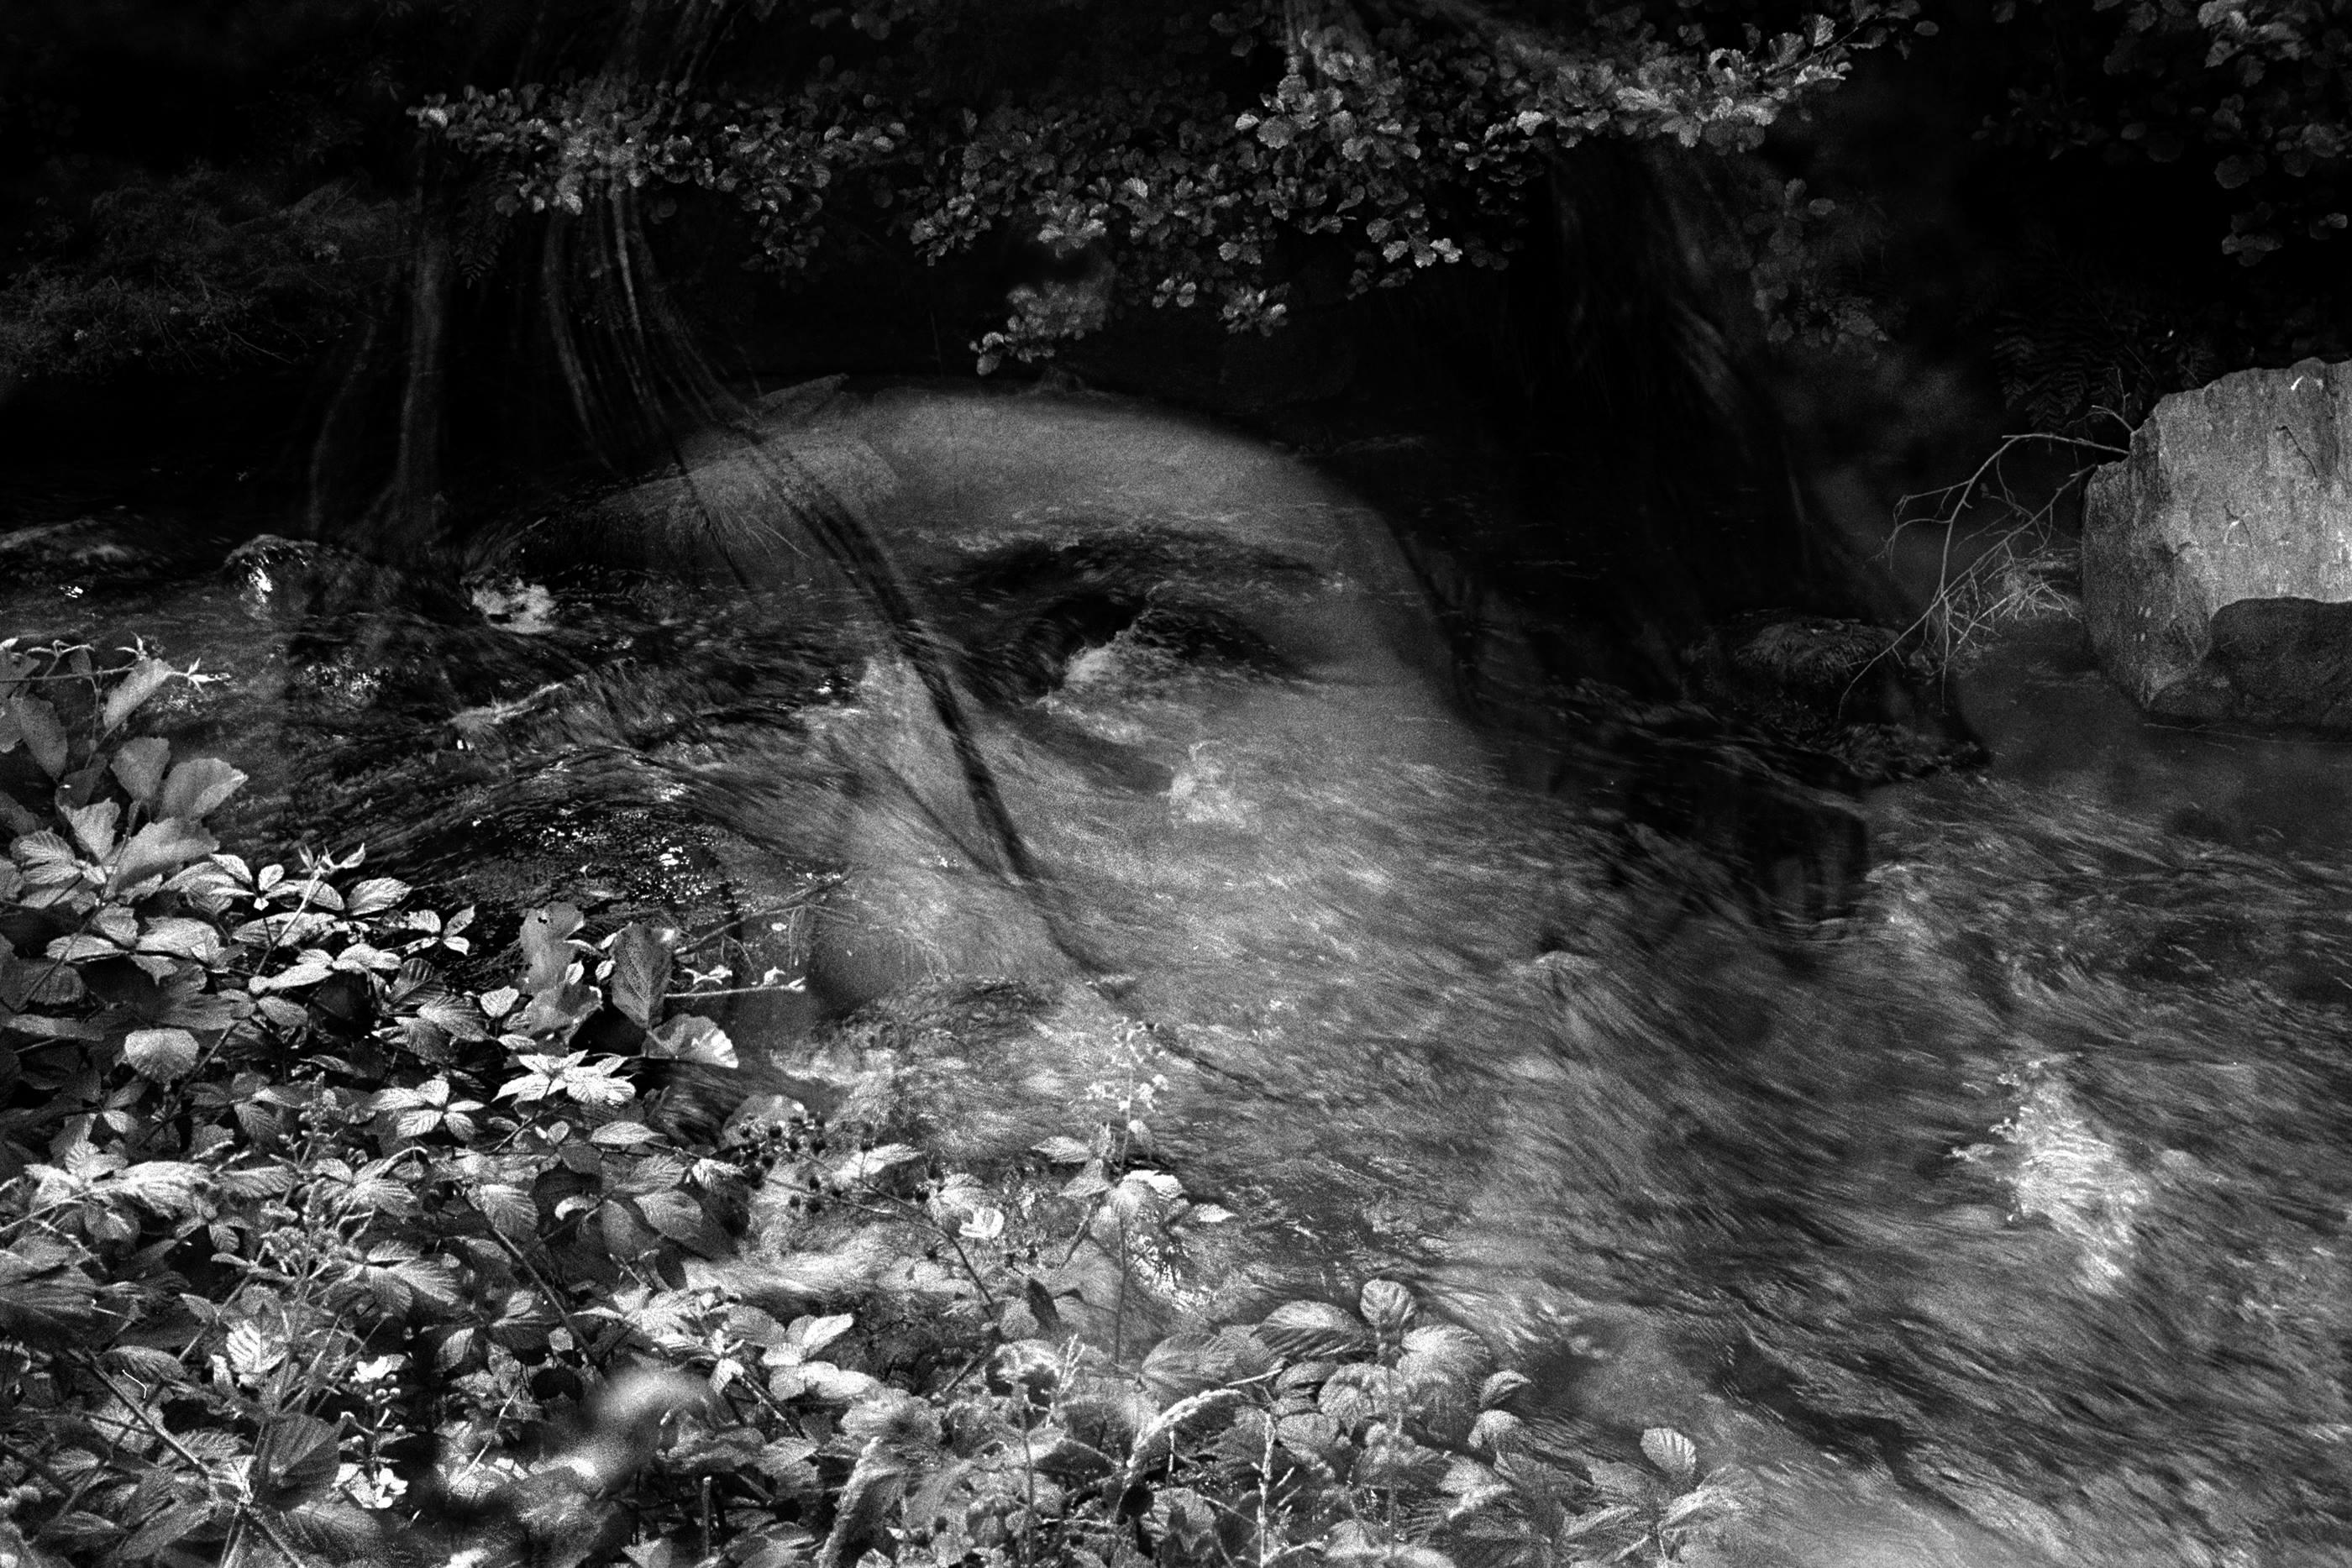 Gabriela Grech<br/>Imágenes de una confusión I. Serie Agua, 2009